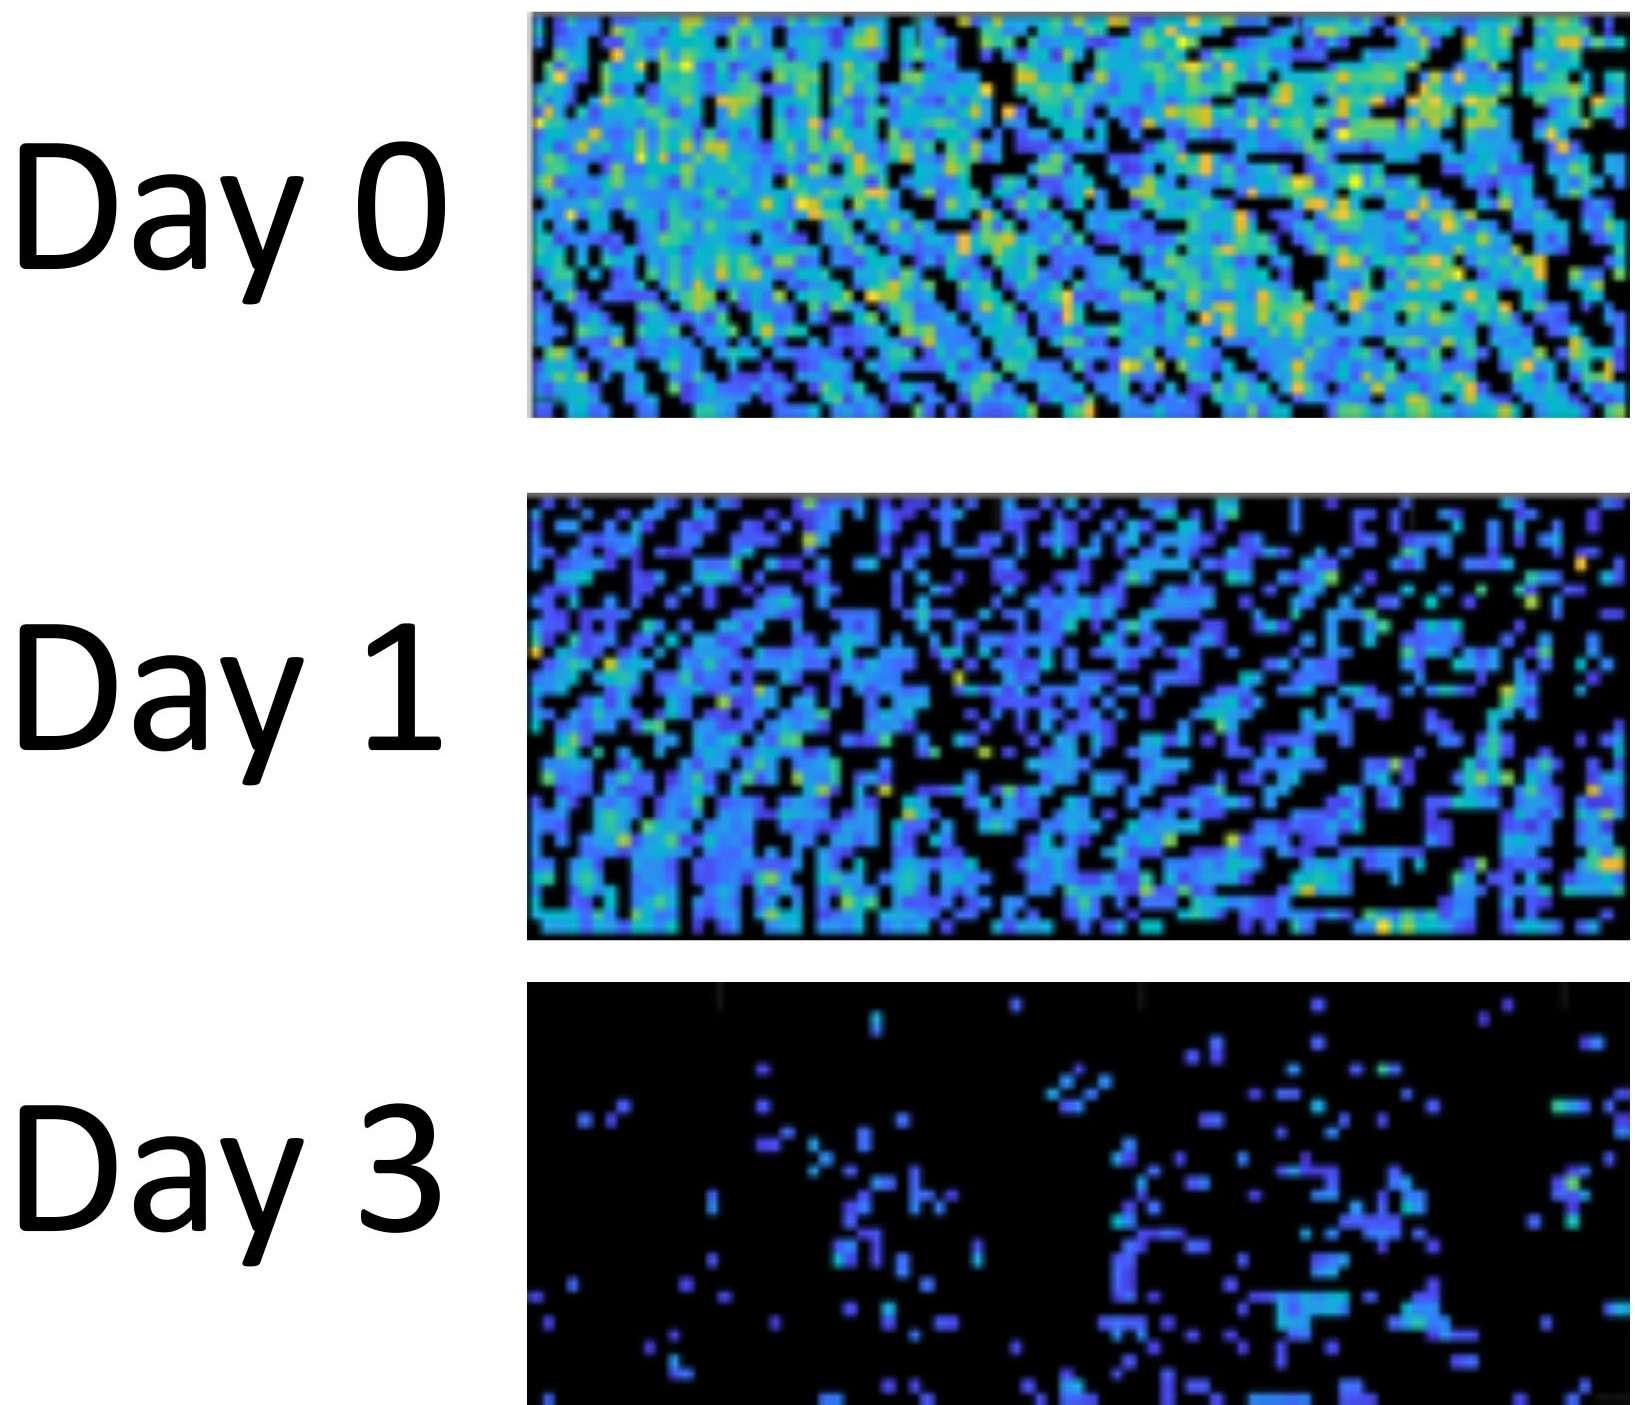 La quantité de triglycérides d'une empreinte digitale suit une dégradation proportionnelle au temps. © Analytical Chemistry 2020